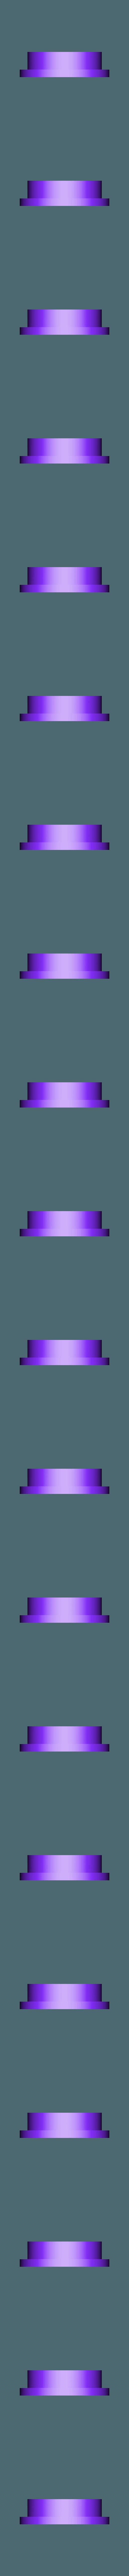 Arrma_Shock_Washer_20190302_V3.stl Télécharger fichier STL gratuit Extrémité de tige d'amortisseur Arrma • Modèle à imprimer en 3D, peterbroeders